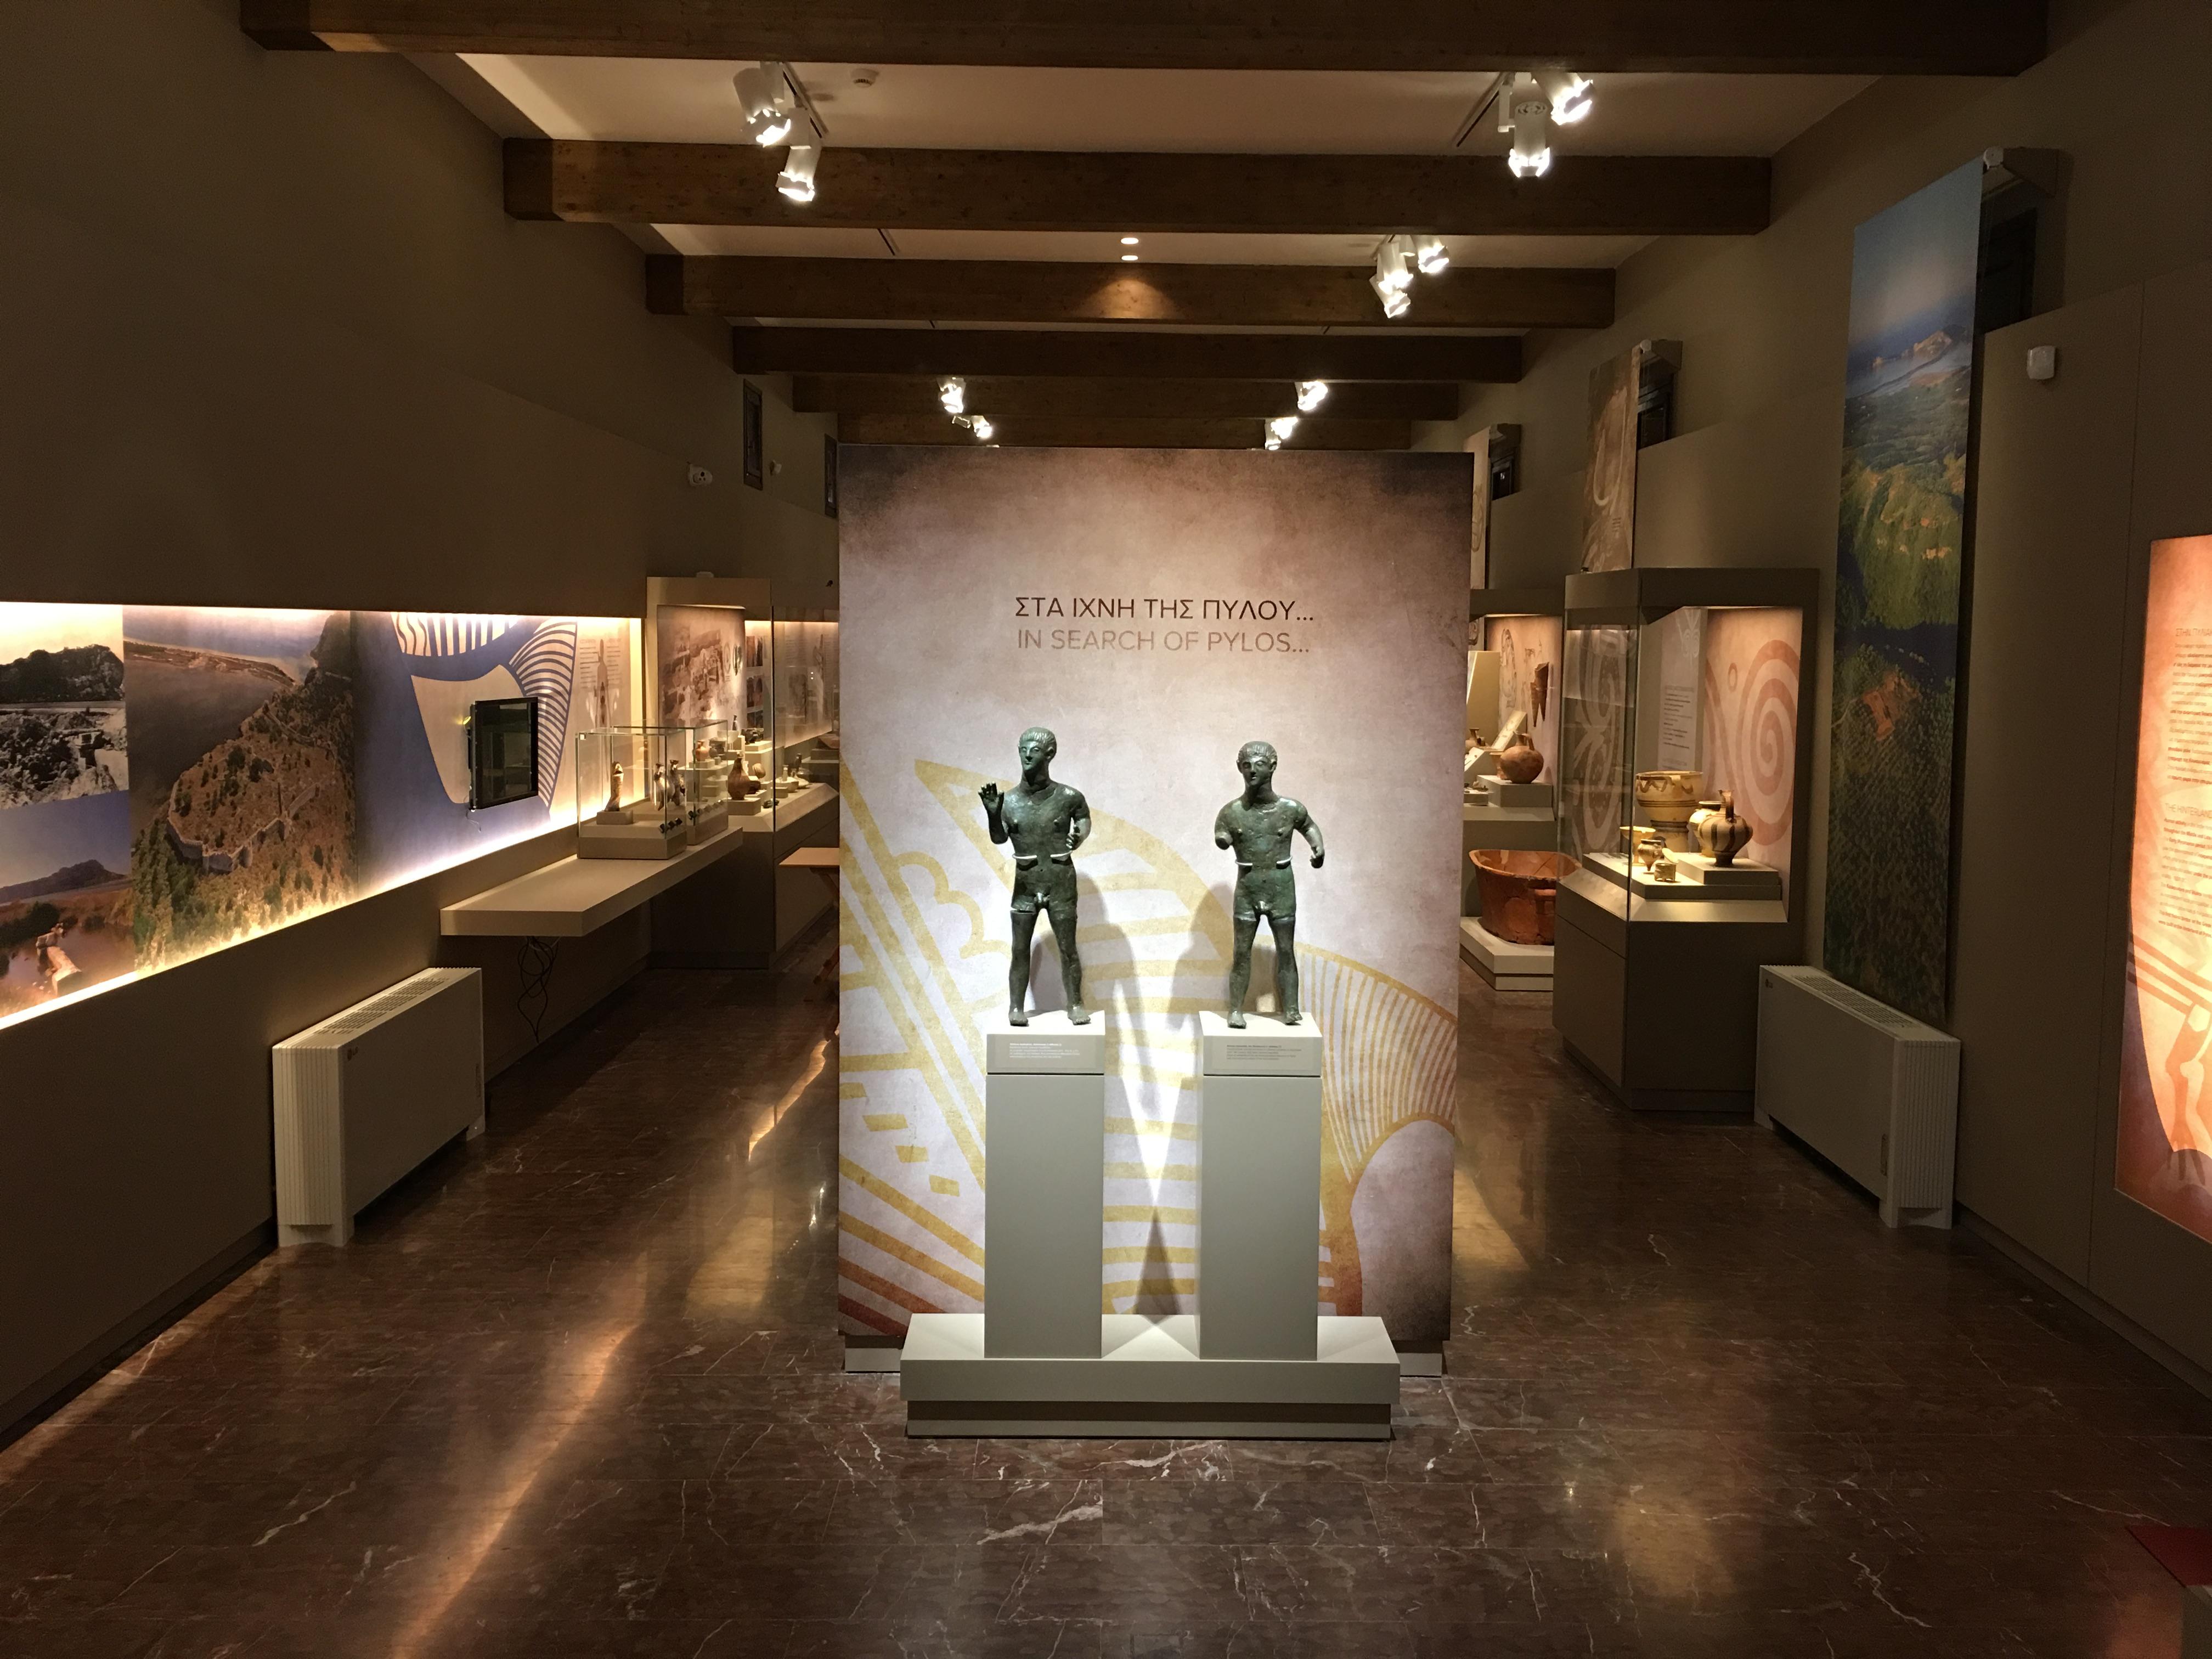 """Εγκαίνια του νέου Αρχαιολογικού Μουσείου Πύλου """"Στα ίχνη της Πύλου…"""""""